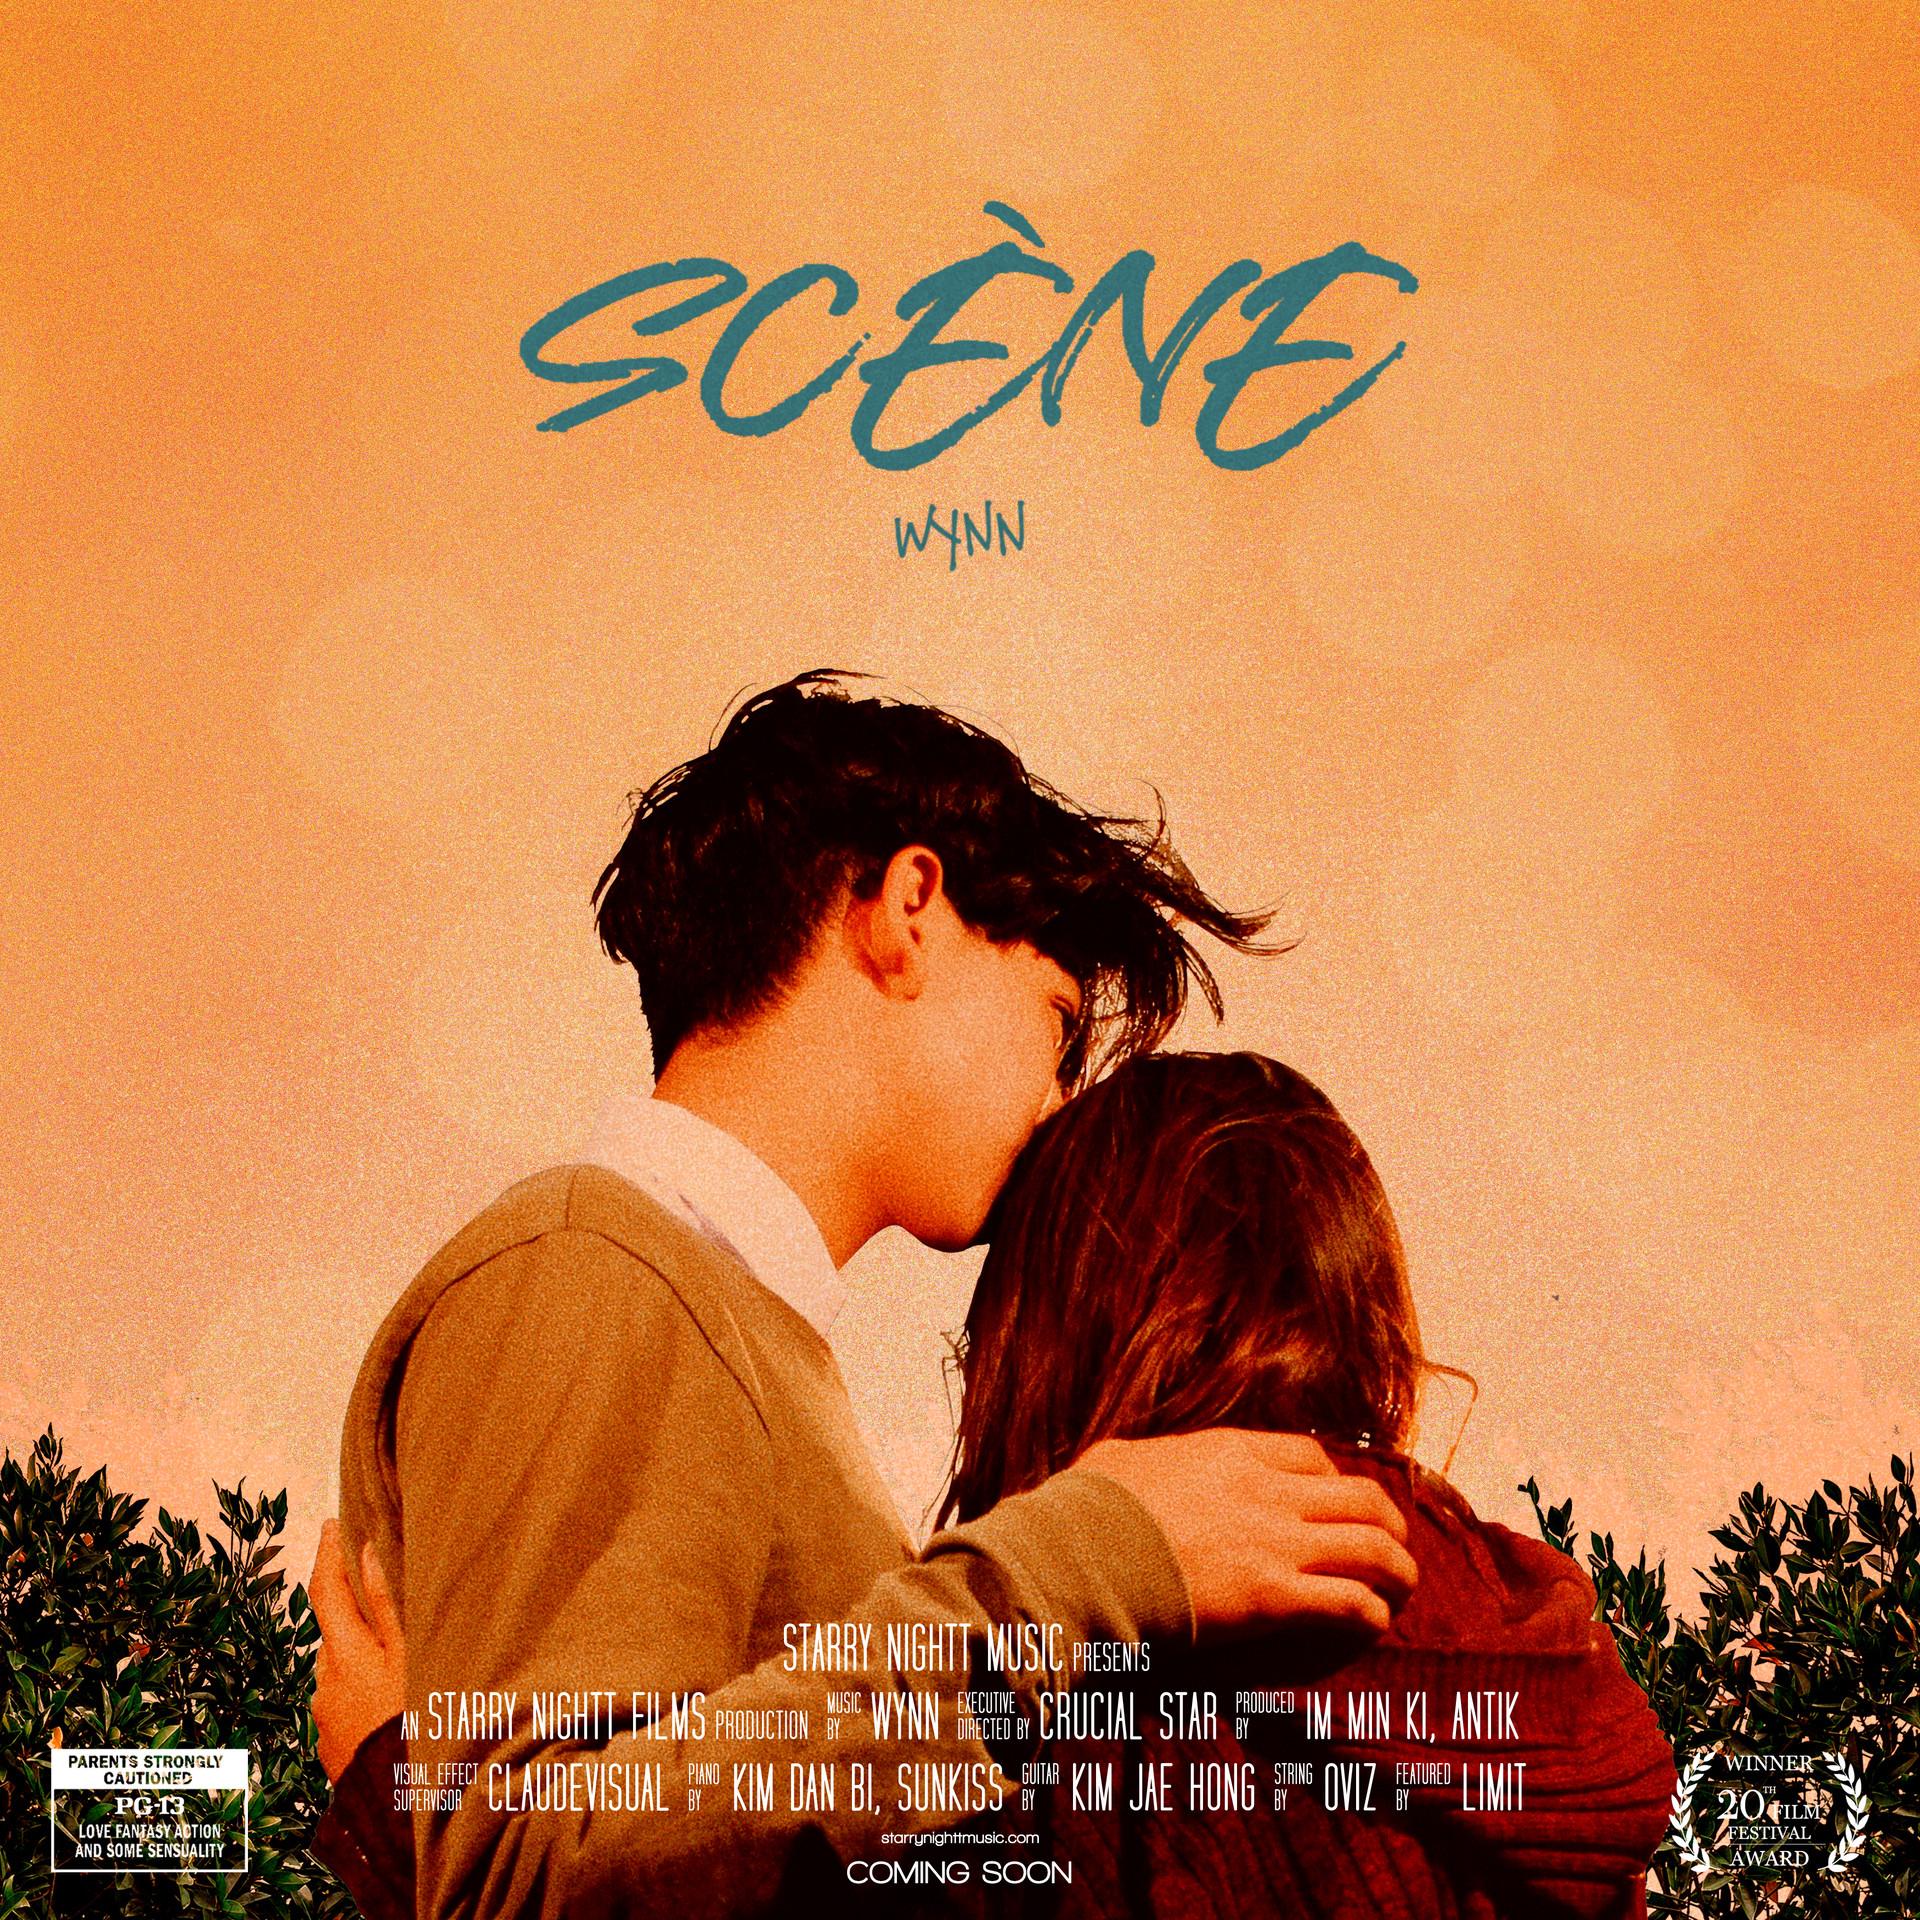 윈 (Wynn) - Scène (EP) (2020.10.31)